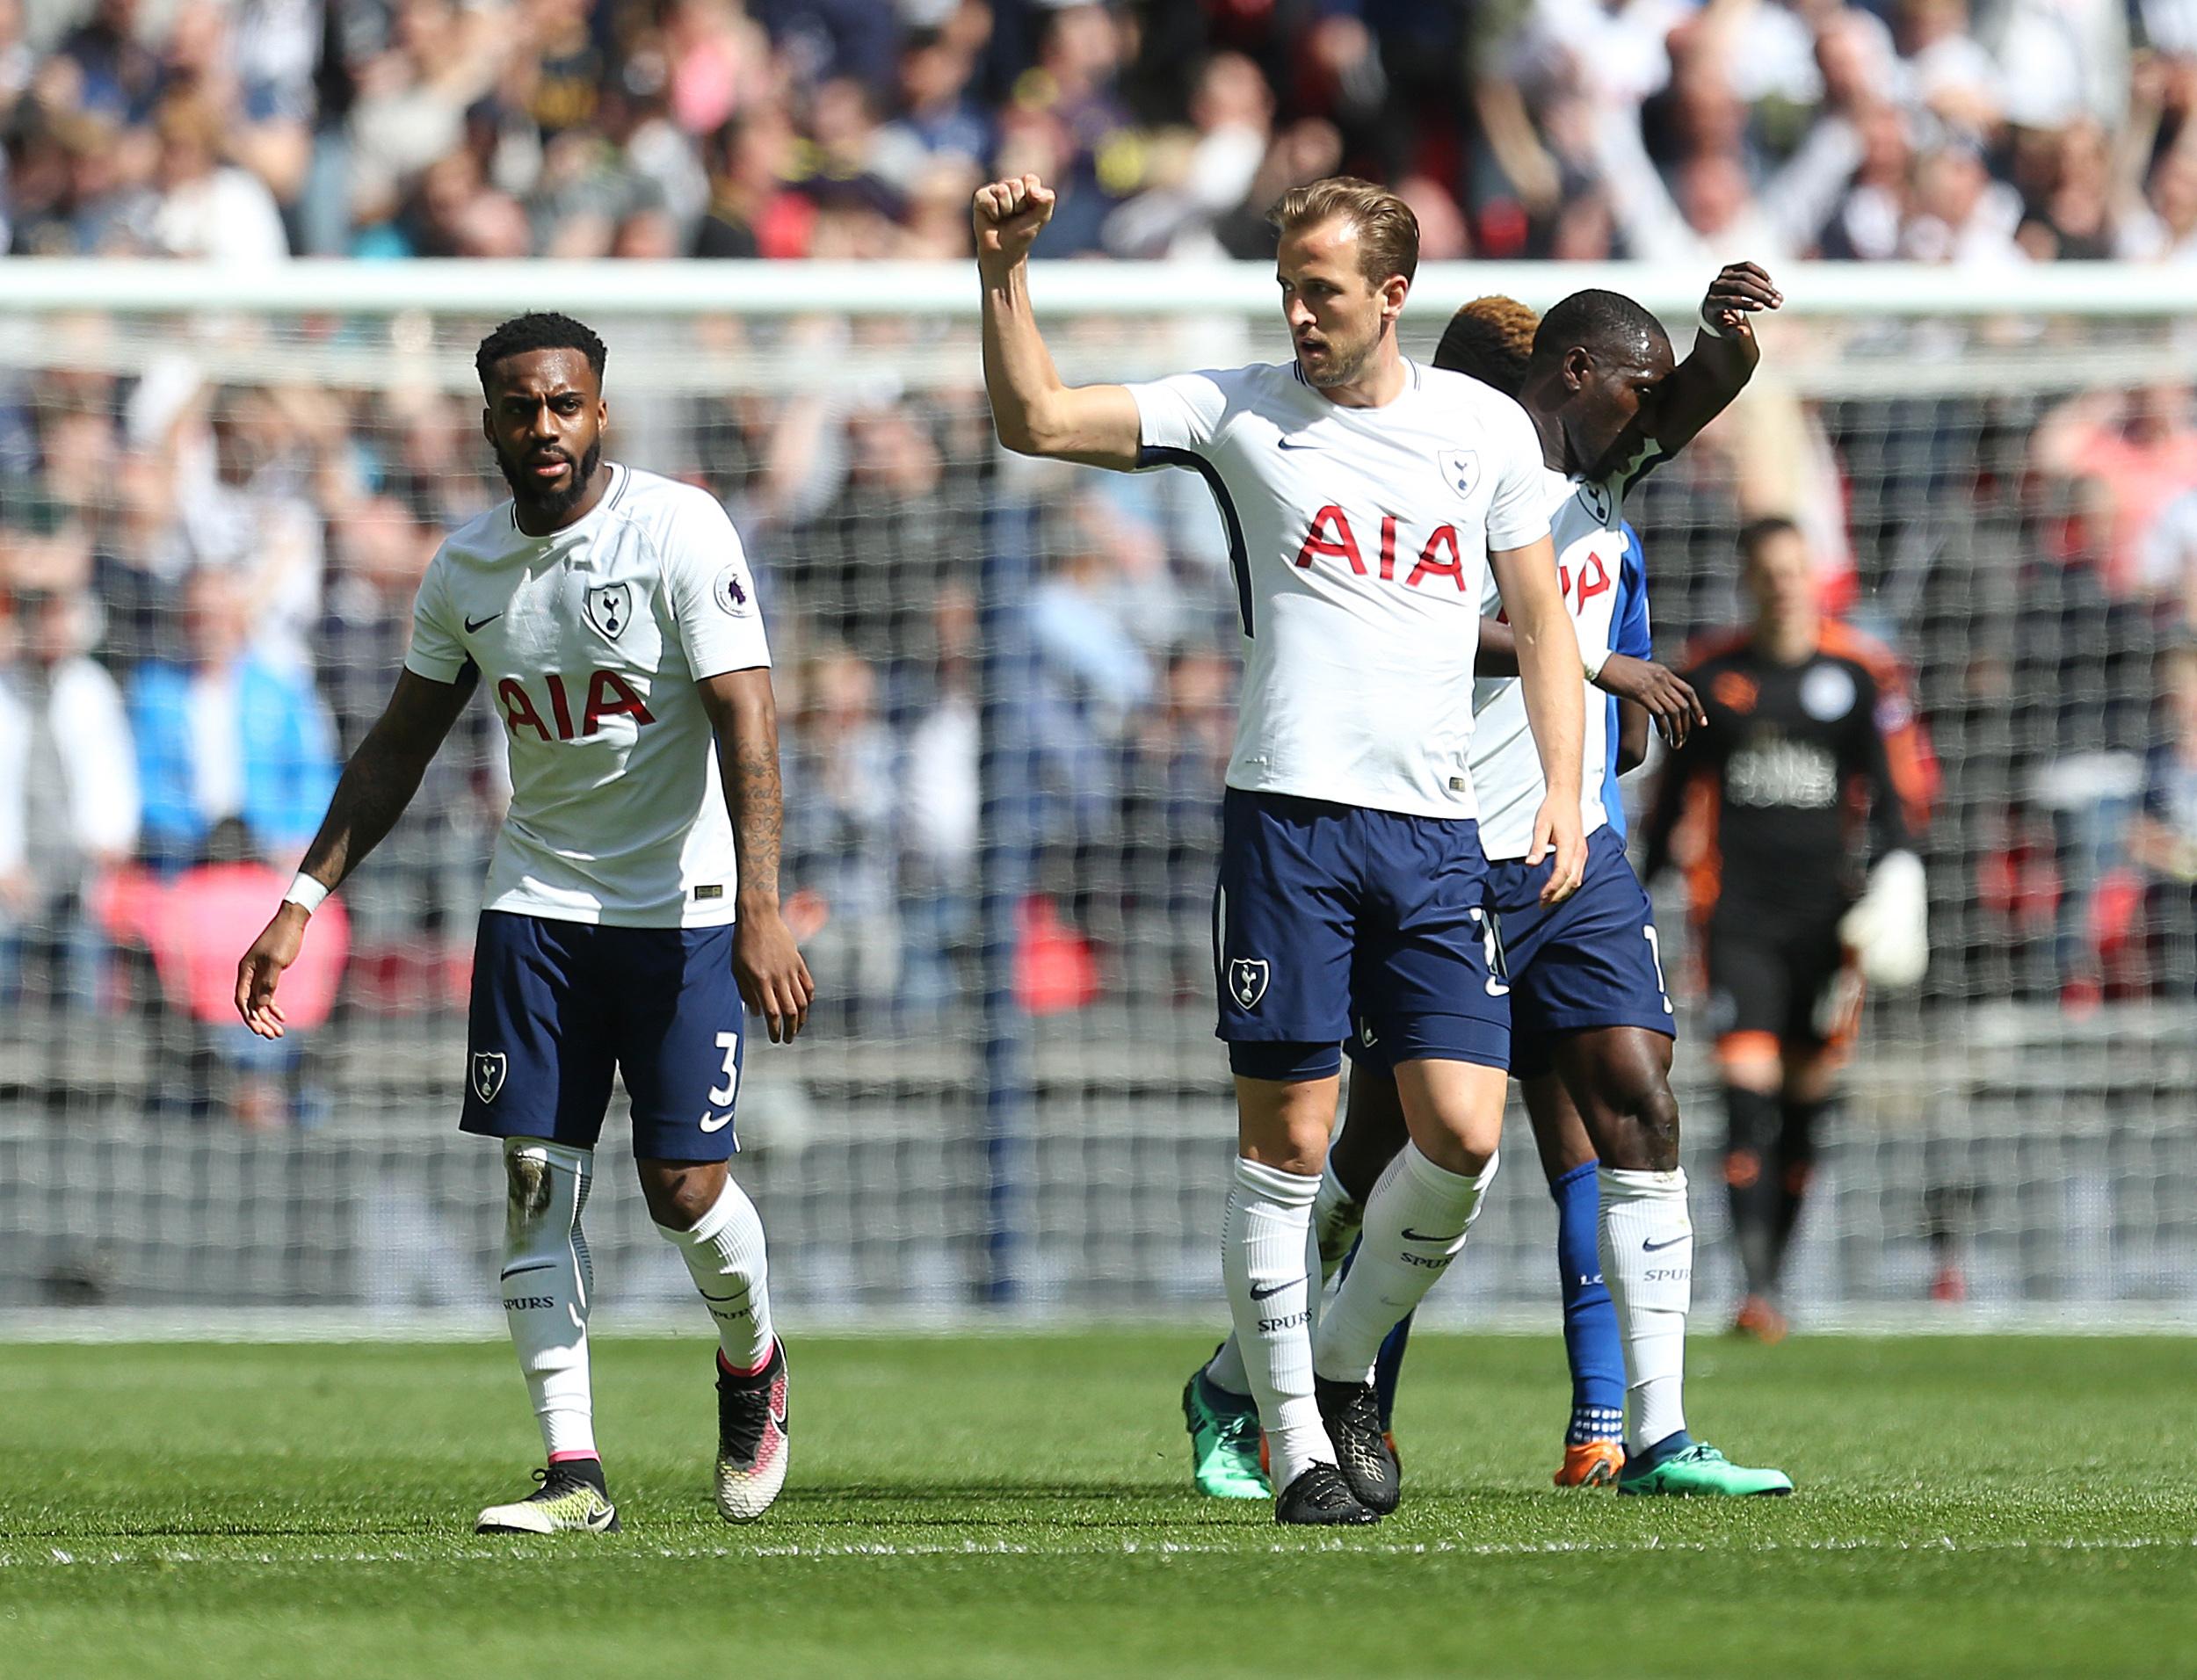 Kane celebrates scoring. Image: PA